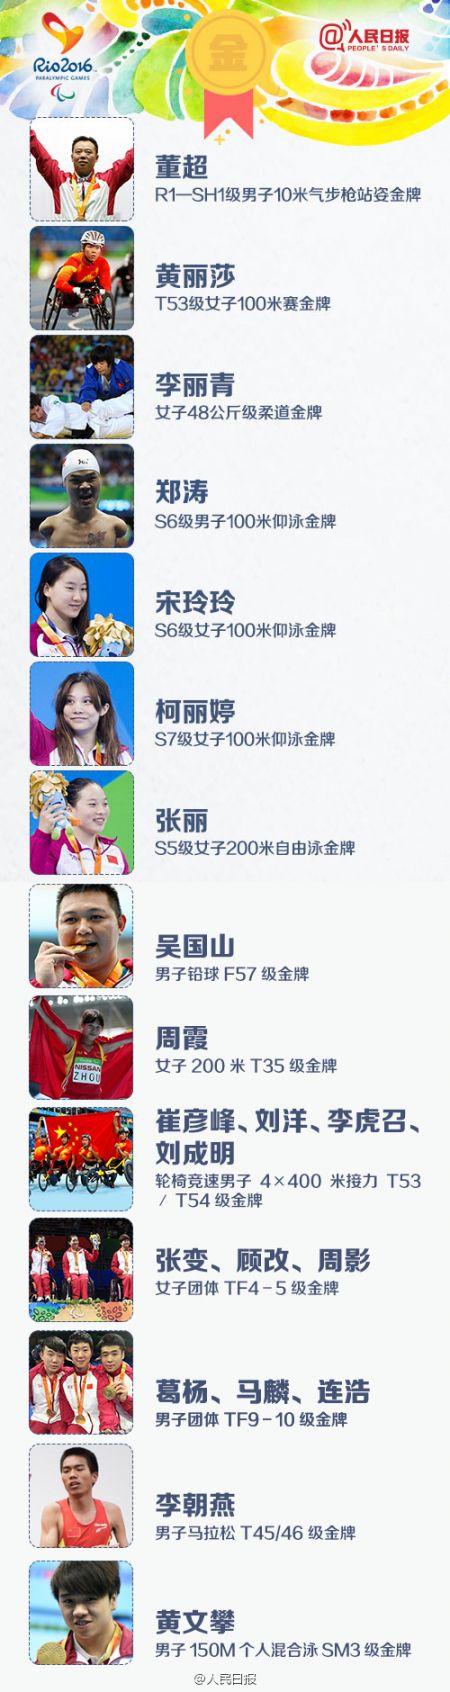 2016里约残奥会奖牌榜107金全名单 一起为中国残奥健儿喝彩(组图)